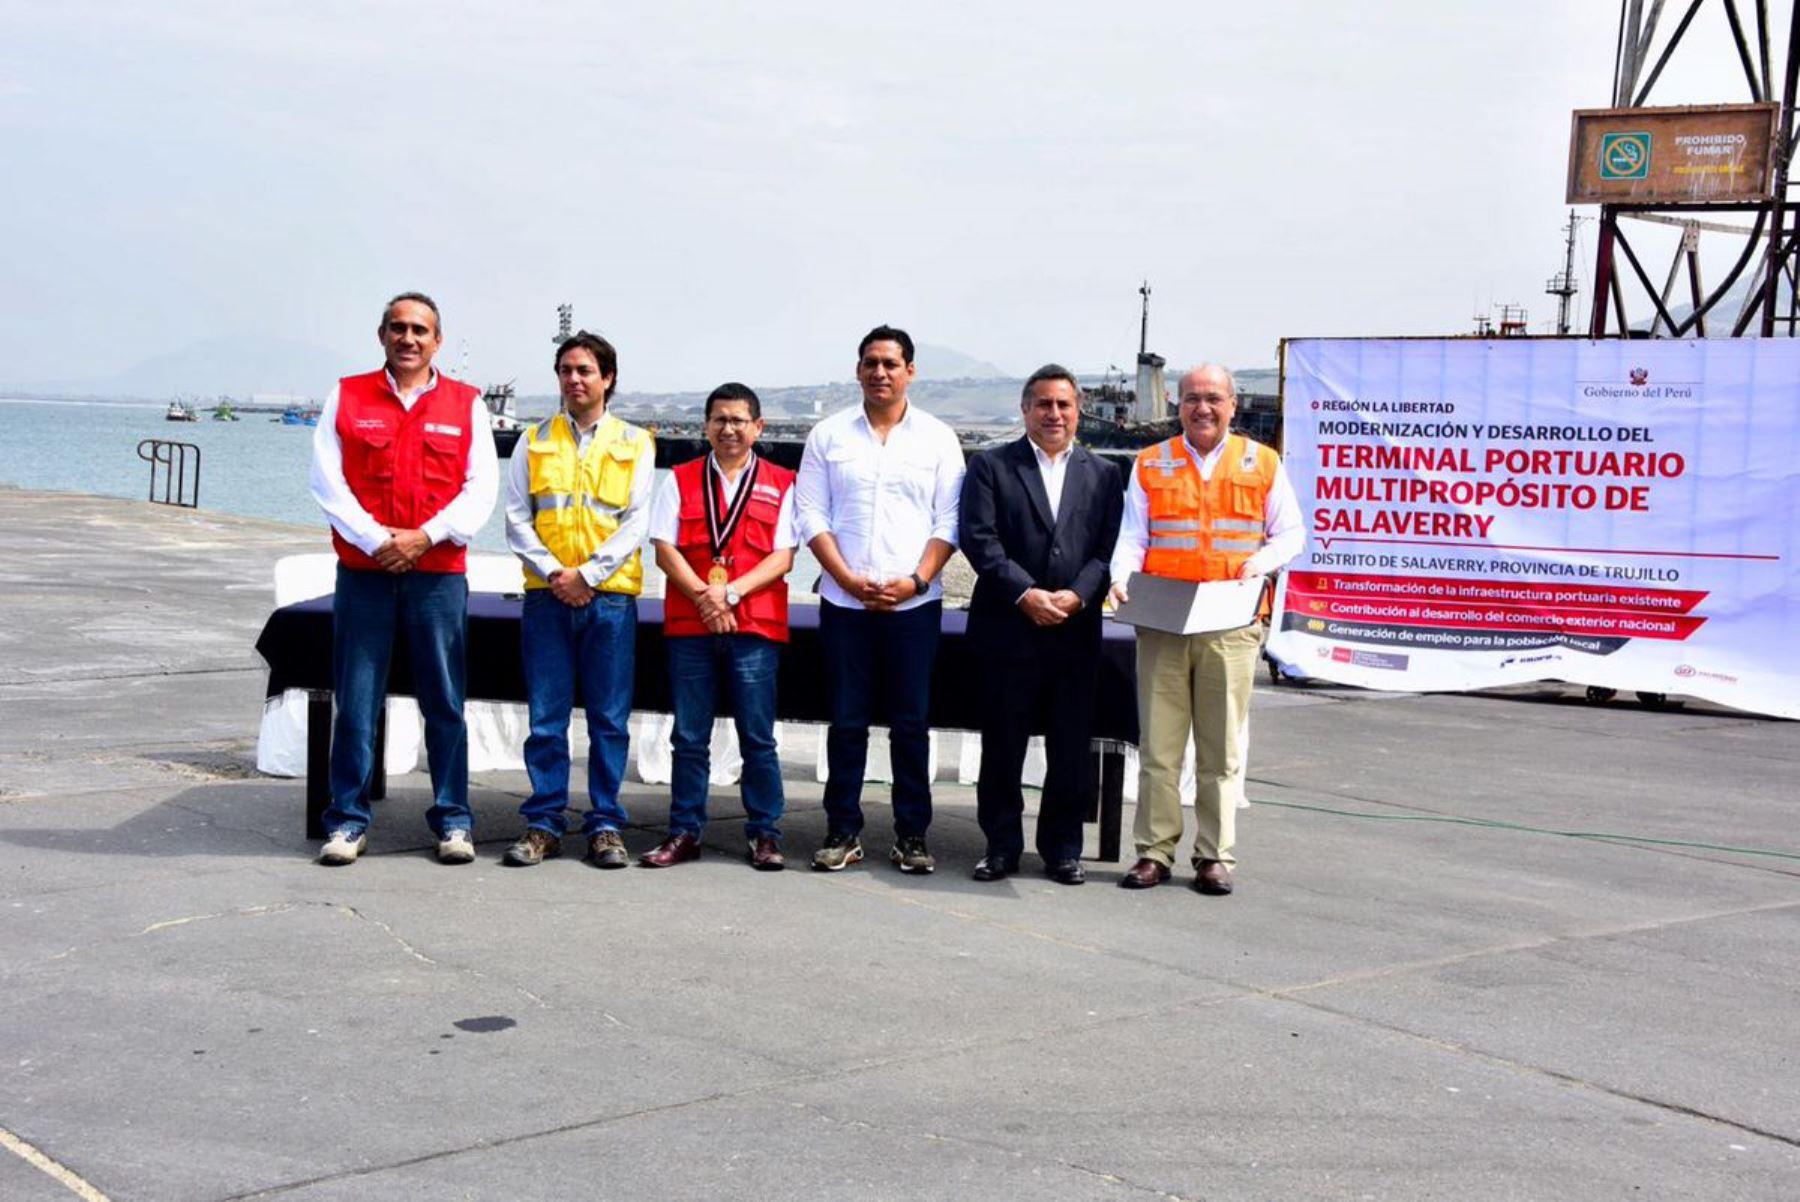 Invertirán US$ 290 millones para modernizar el puerto de Salaverry, en La Libertad. ANDINA/Difusión